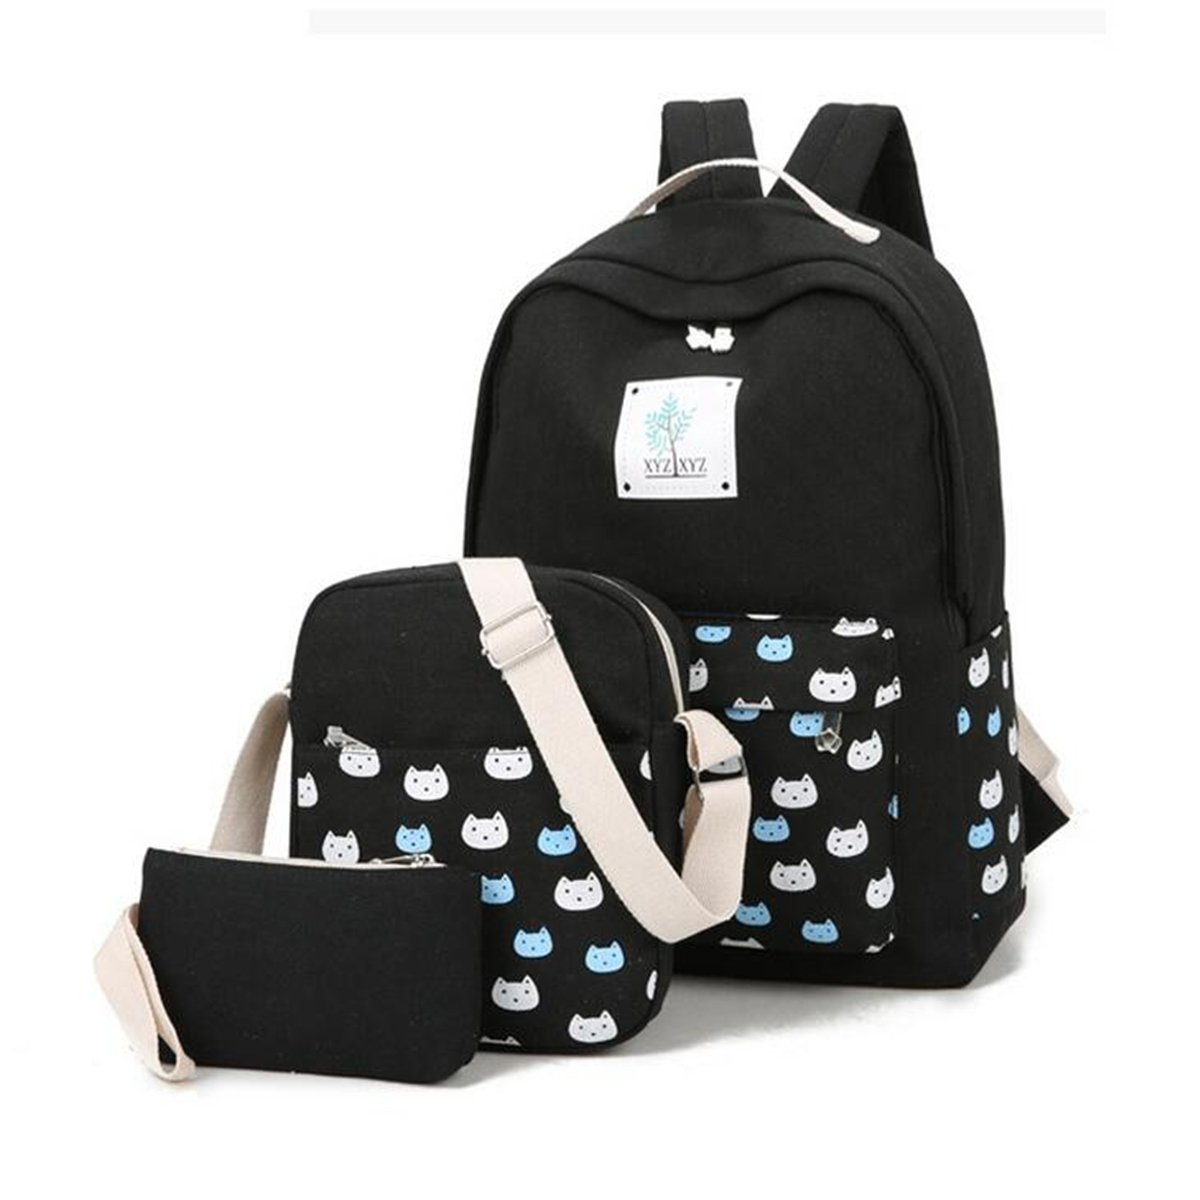 Canvas Schulrucksack, Gracosy Retro Rucksack Damen 3 Set Vintage Daypacks Casual Freizeitrucksack 15,6 Zoll Laptop Backpacks für Reisen Schüler College Dunkelblau GRACOSYzmoaKAW1288